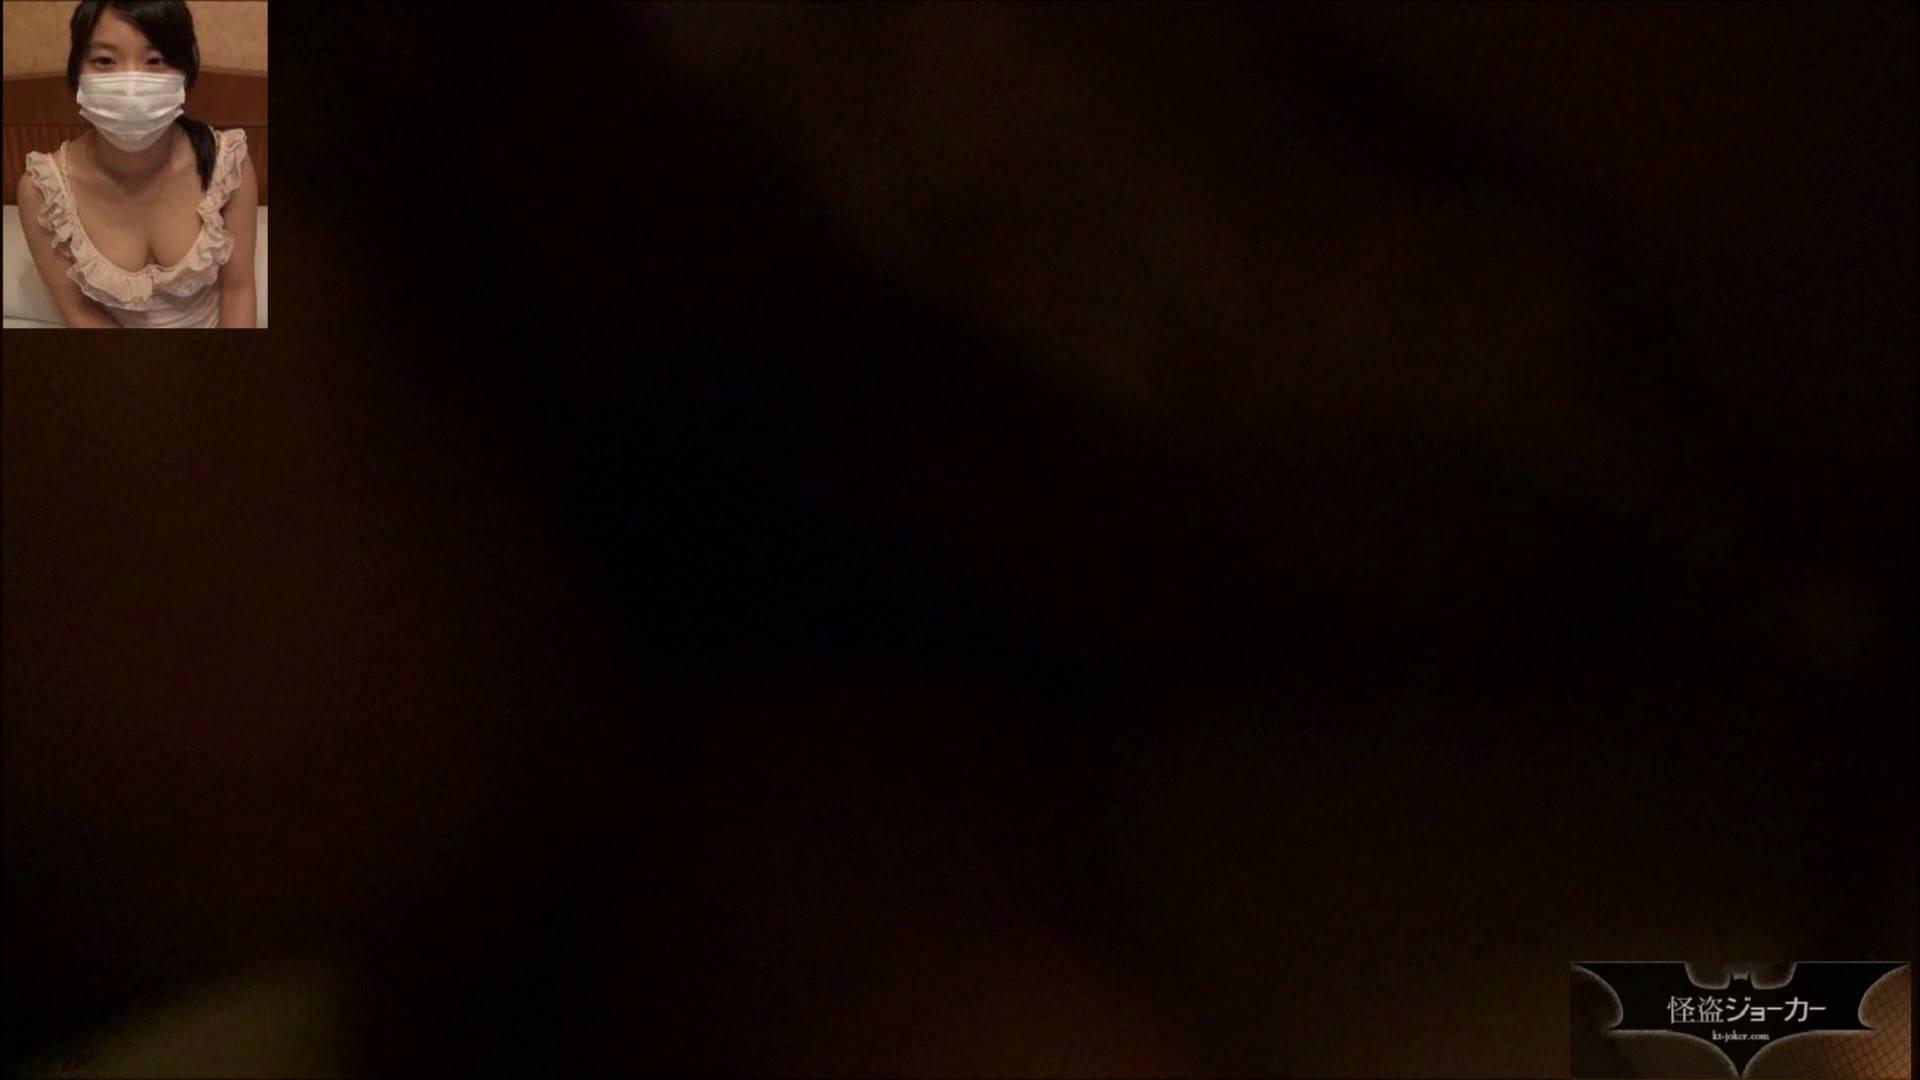 【未公開】vol.83 {現役じぇいけー}カンナちゃん①【前編】  25枚